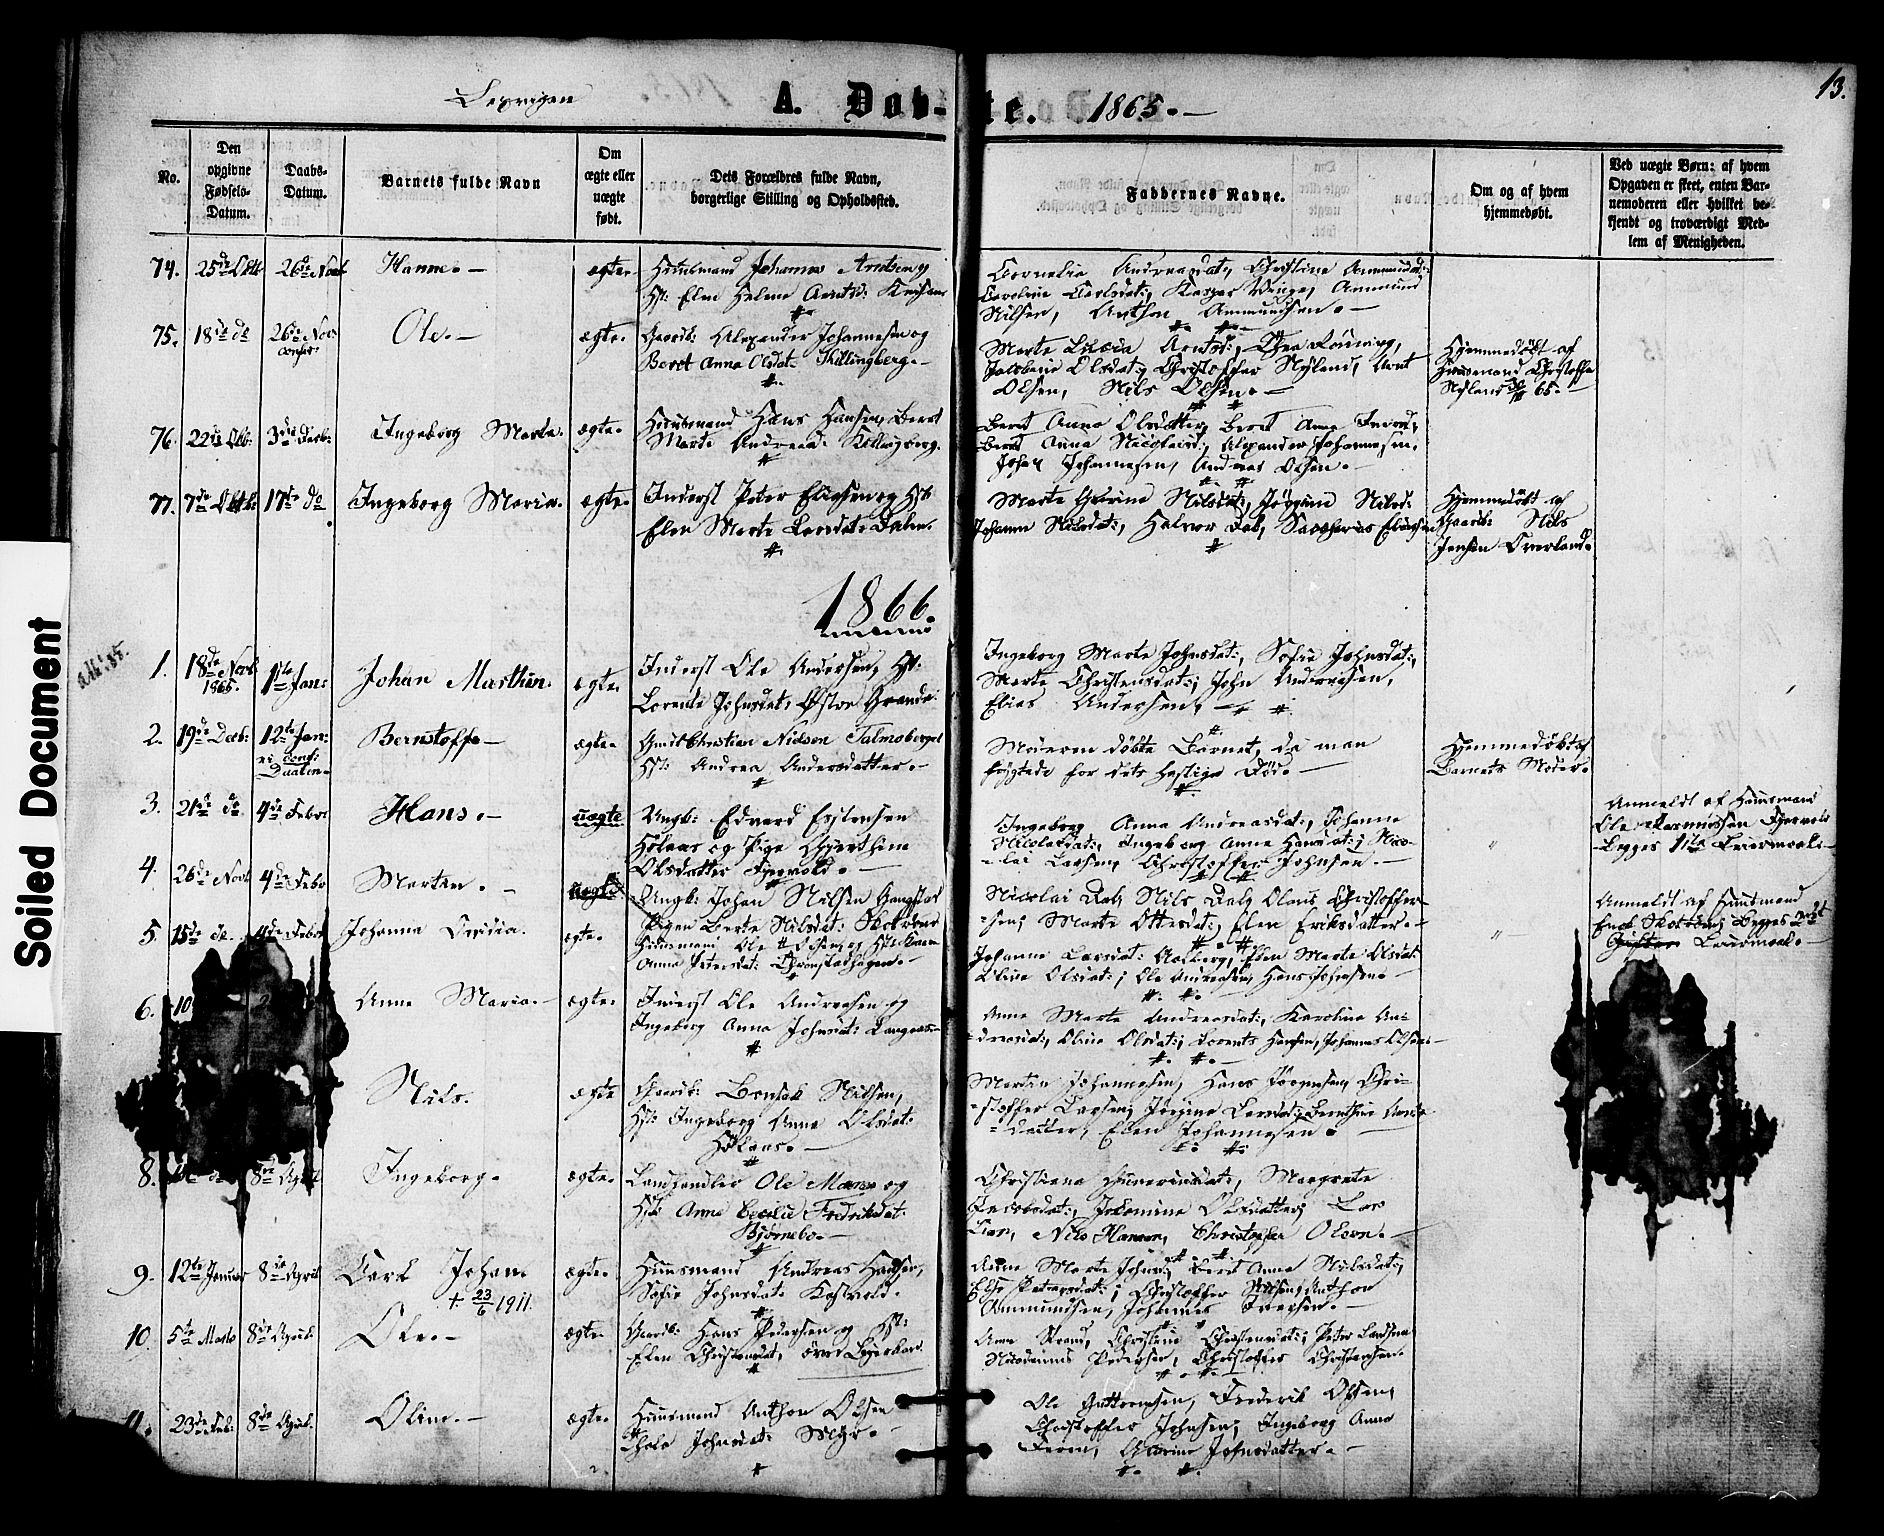 SAT, Ministerialprotokoller, klokkerbøker og fødselsregistre - Nord-Trøndelag, 701/L0009: Ministerialbok nr. 701A09 /1, 1864-1882, s. 13